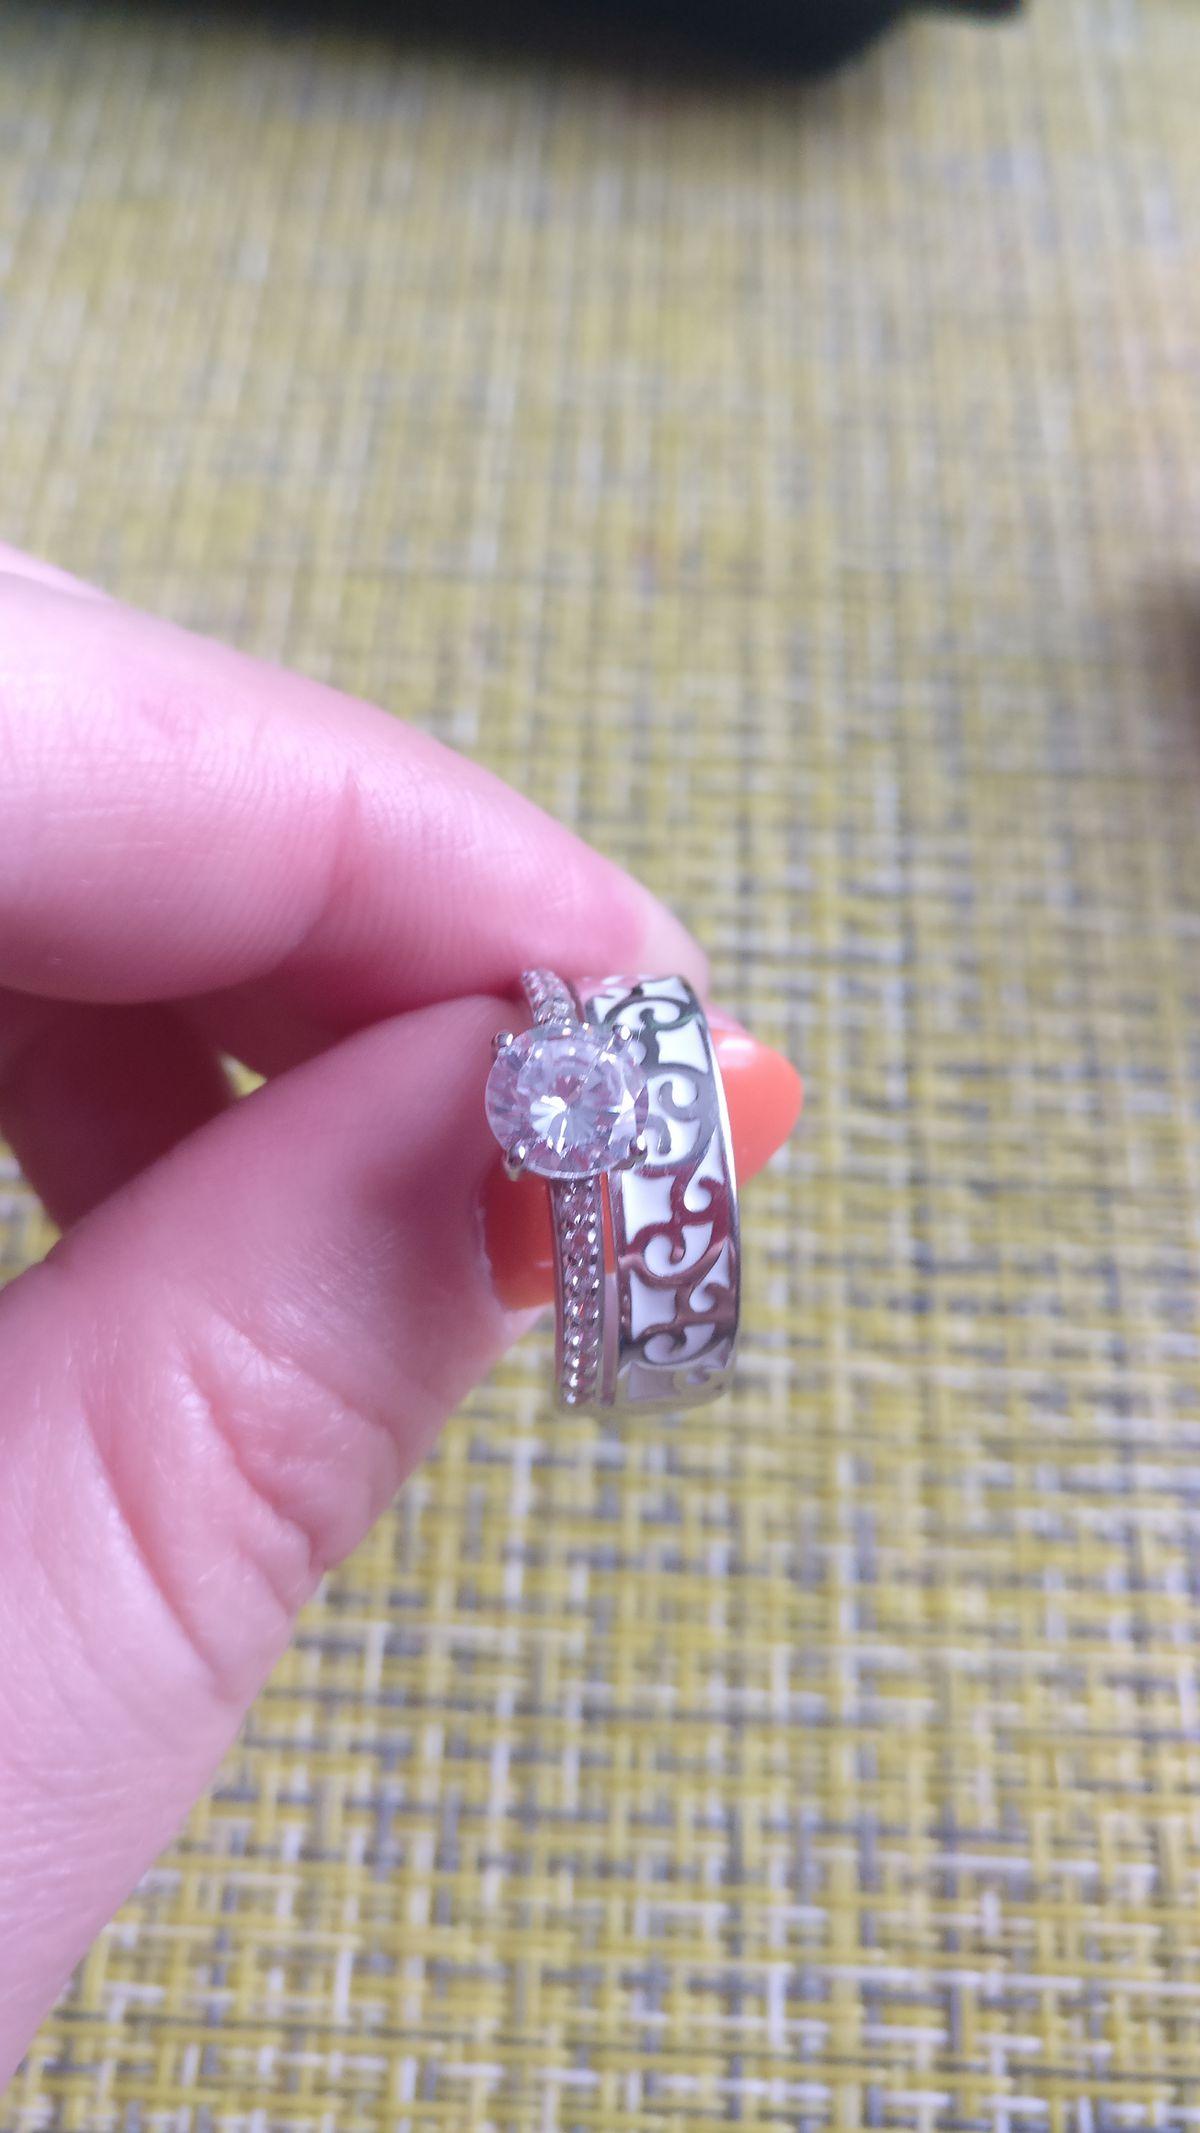 Купила кольцо с эмалью